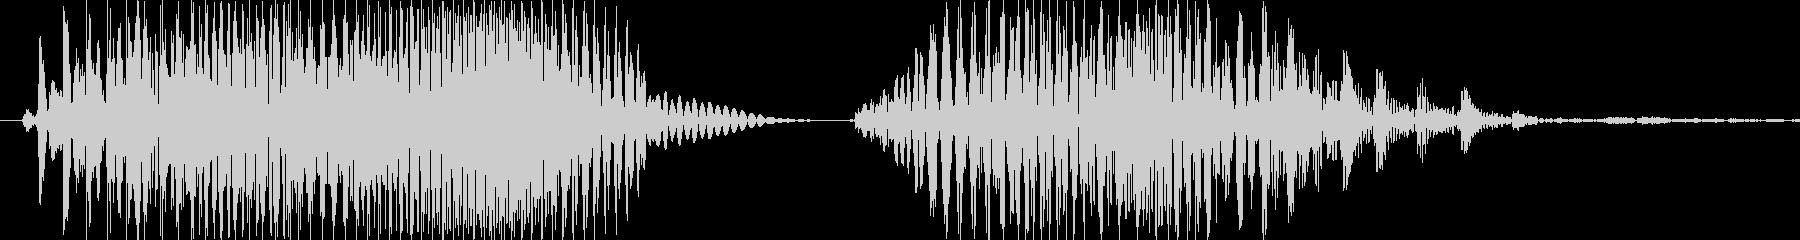 アウト!の未再生の波形